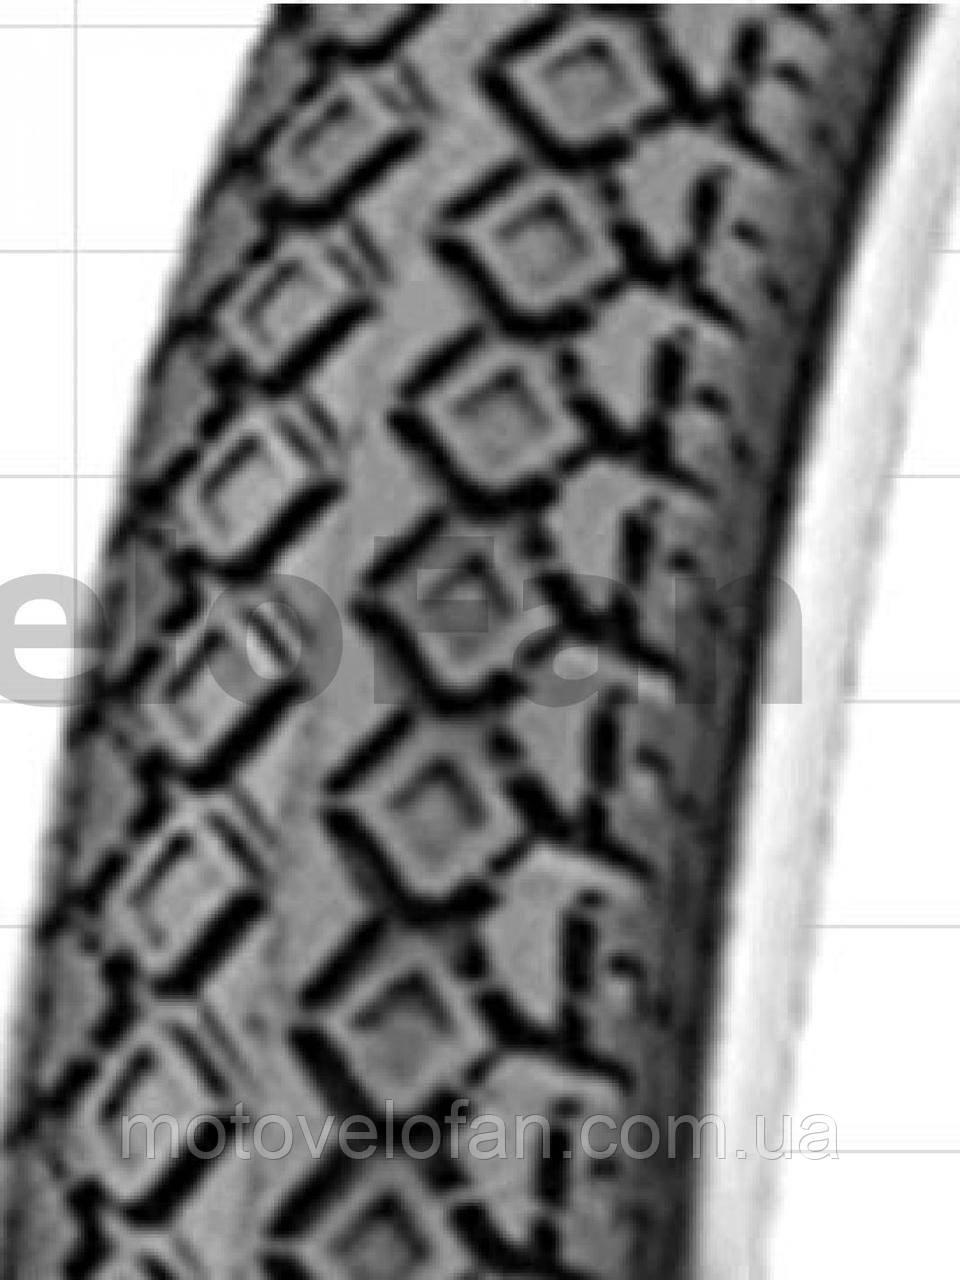 Велосипедная шина   24 * 1 3/8   MTB   (R-3501)   RALSON   Индия   (#RSN)